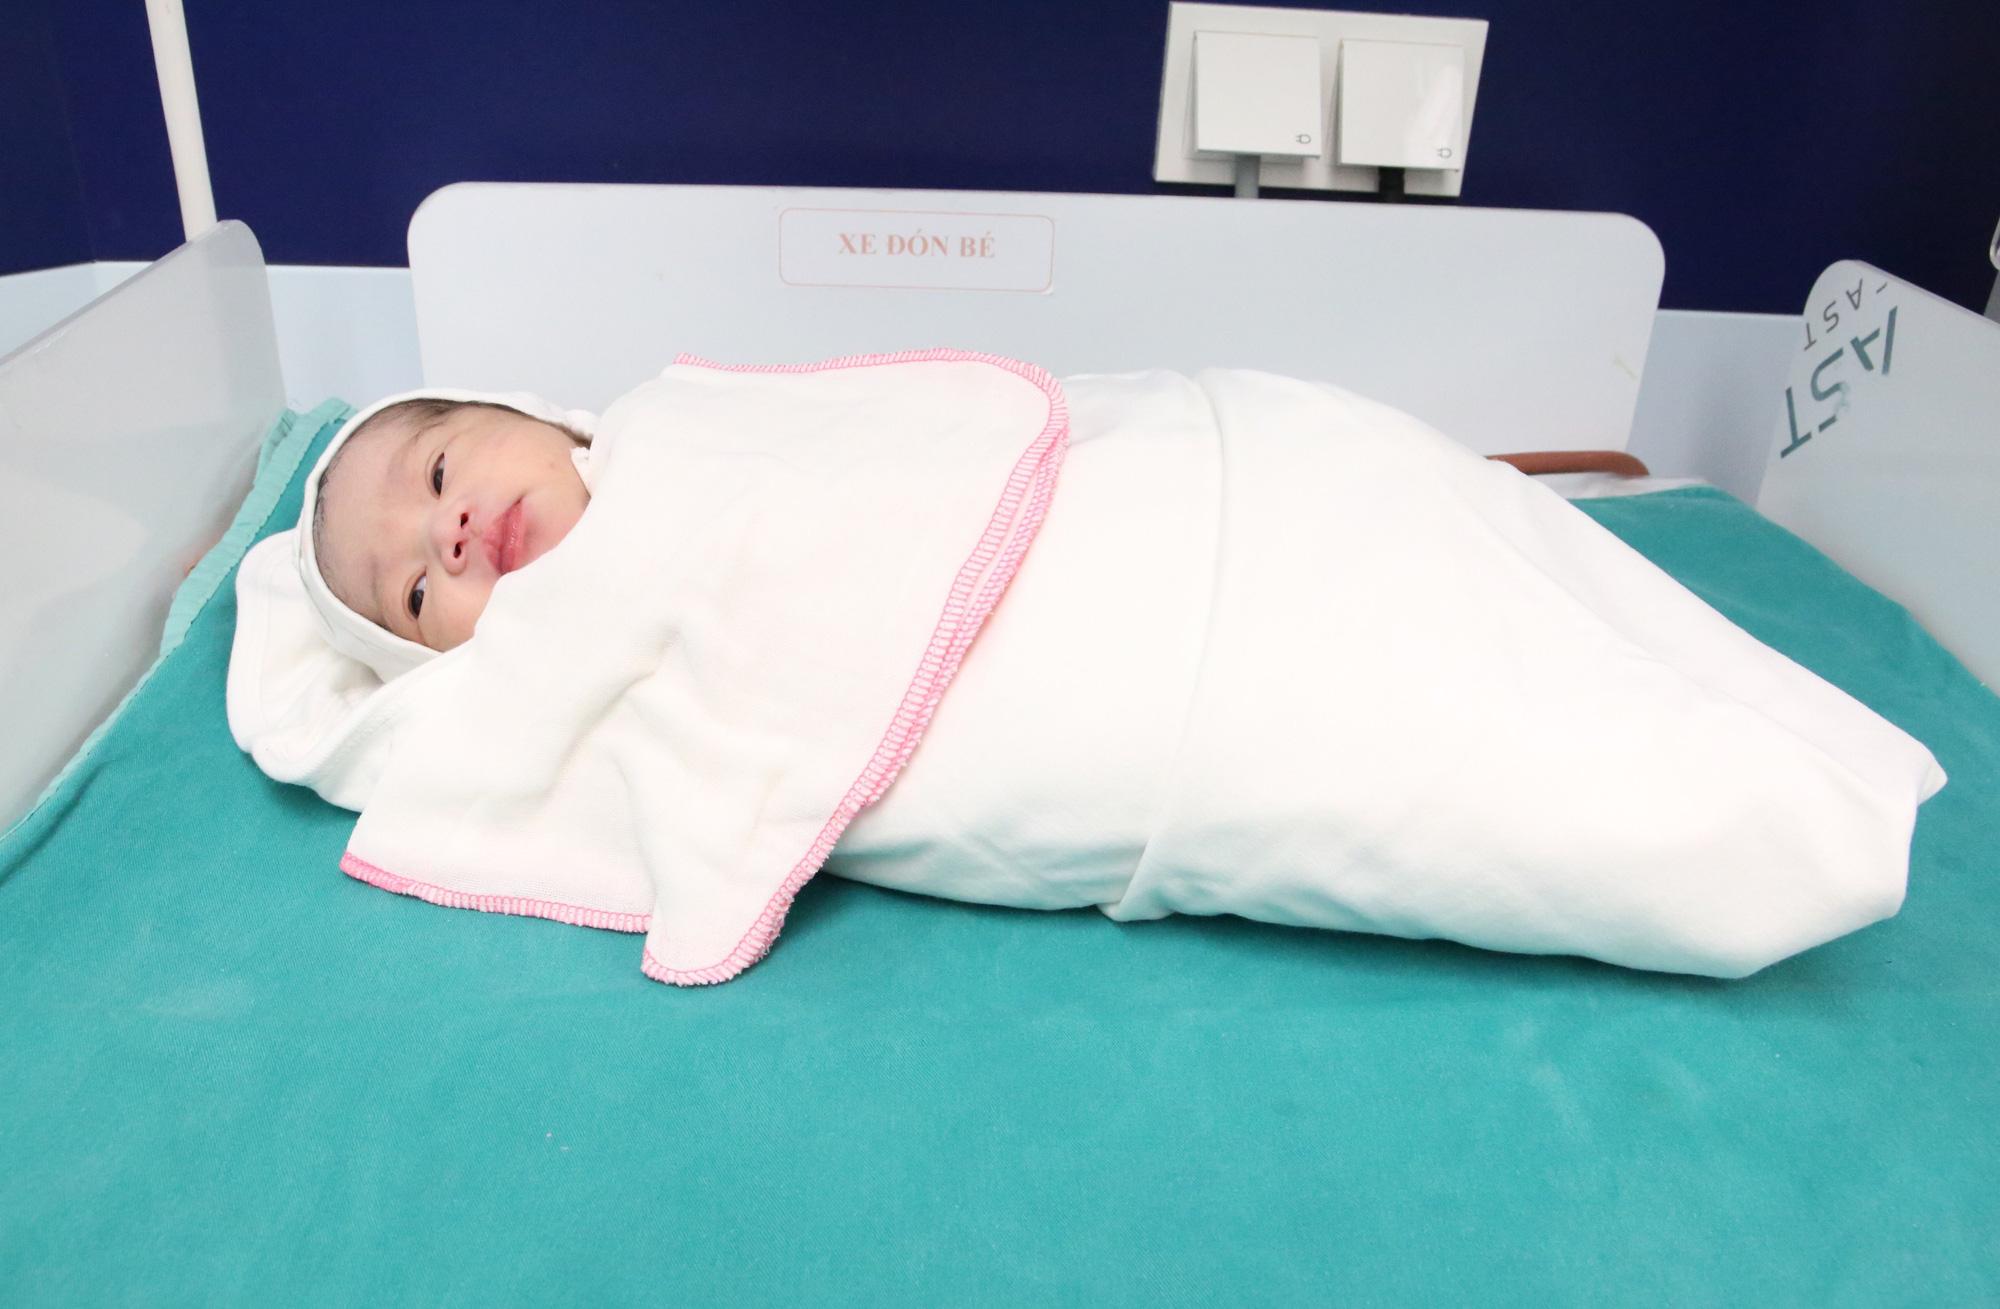 Phú Thọ: Cấp cứu thành công một sản phụ bị vỡ tử cung, suy thai cấp - Ảnh 3.